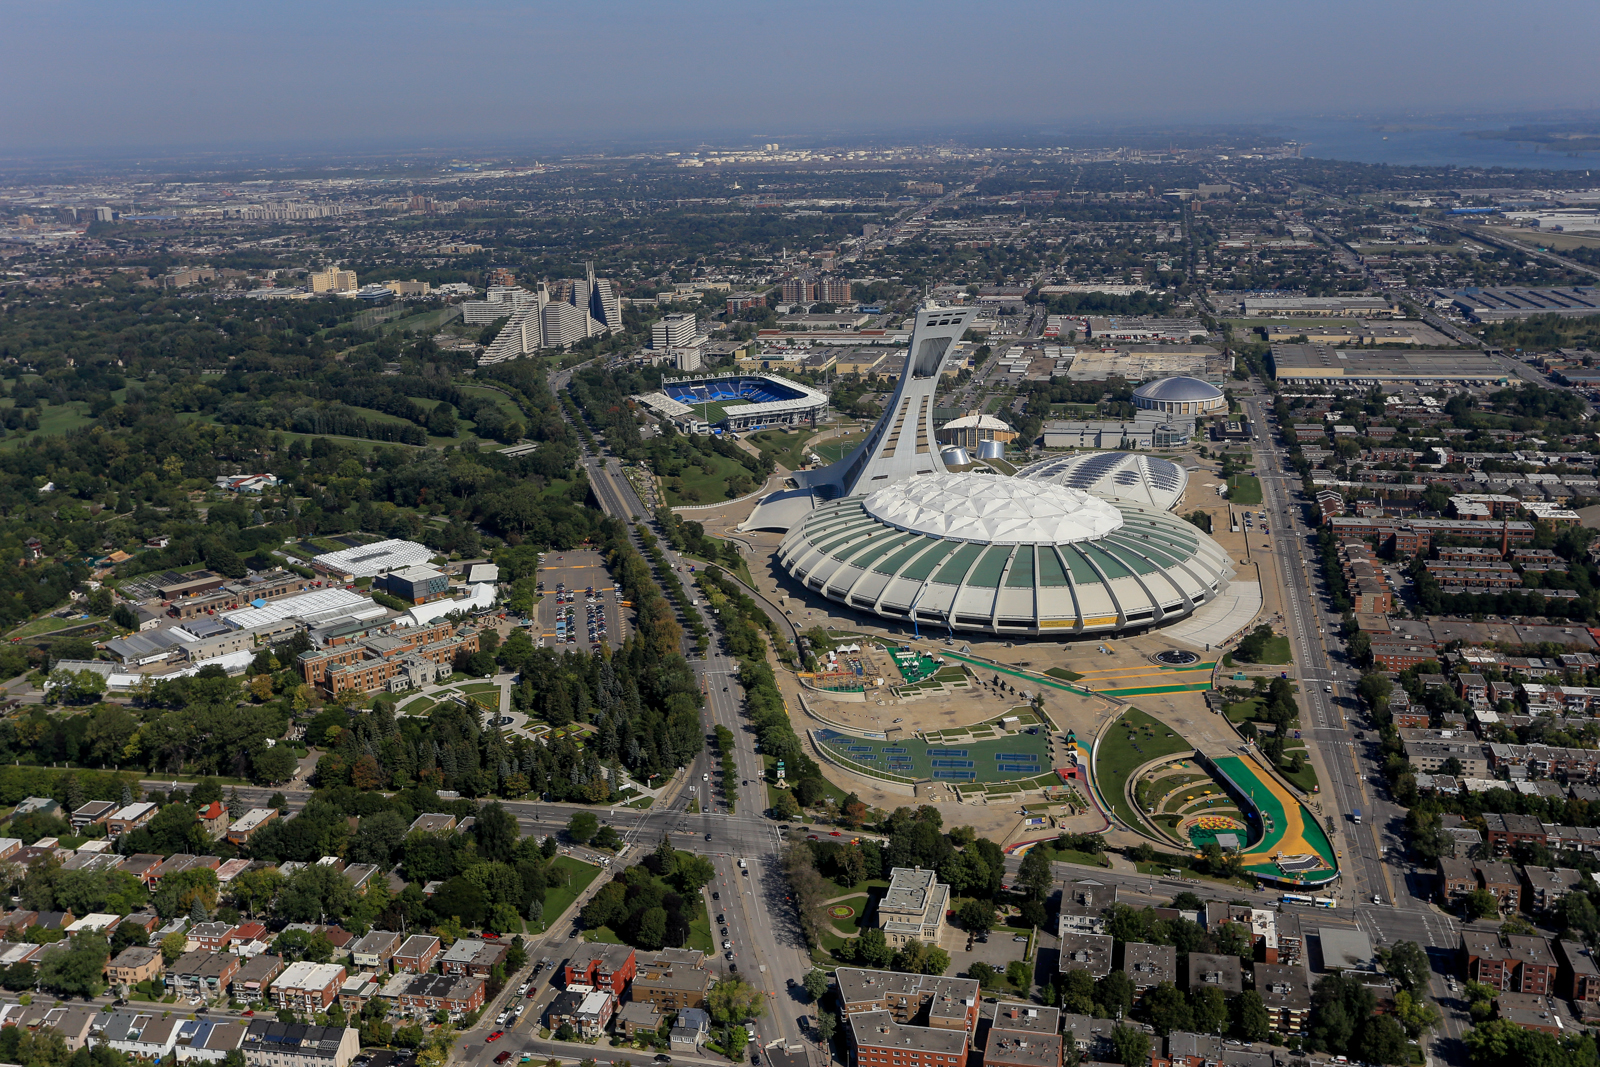 Parcolympiquemtl parc olympique de montr al - Piscine du stade olympique ...